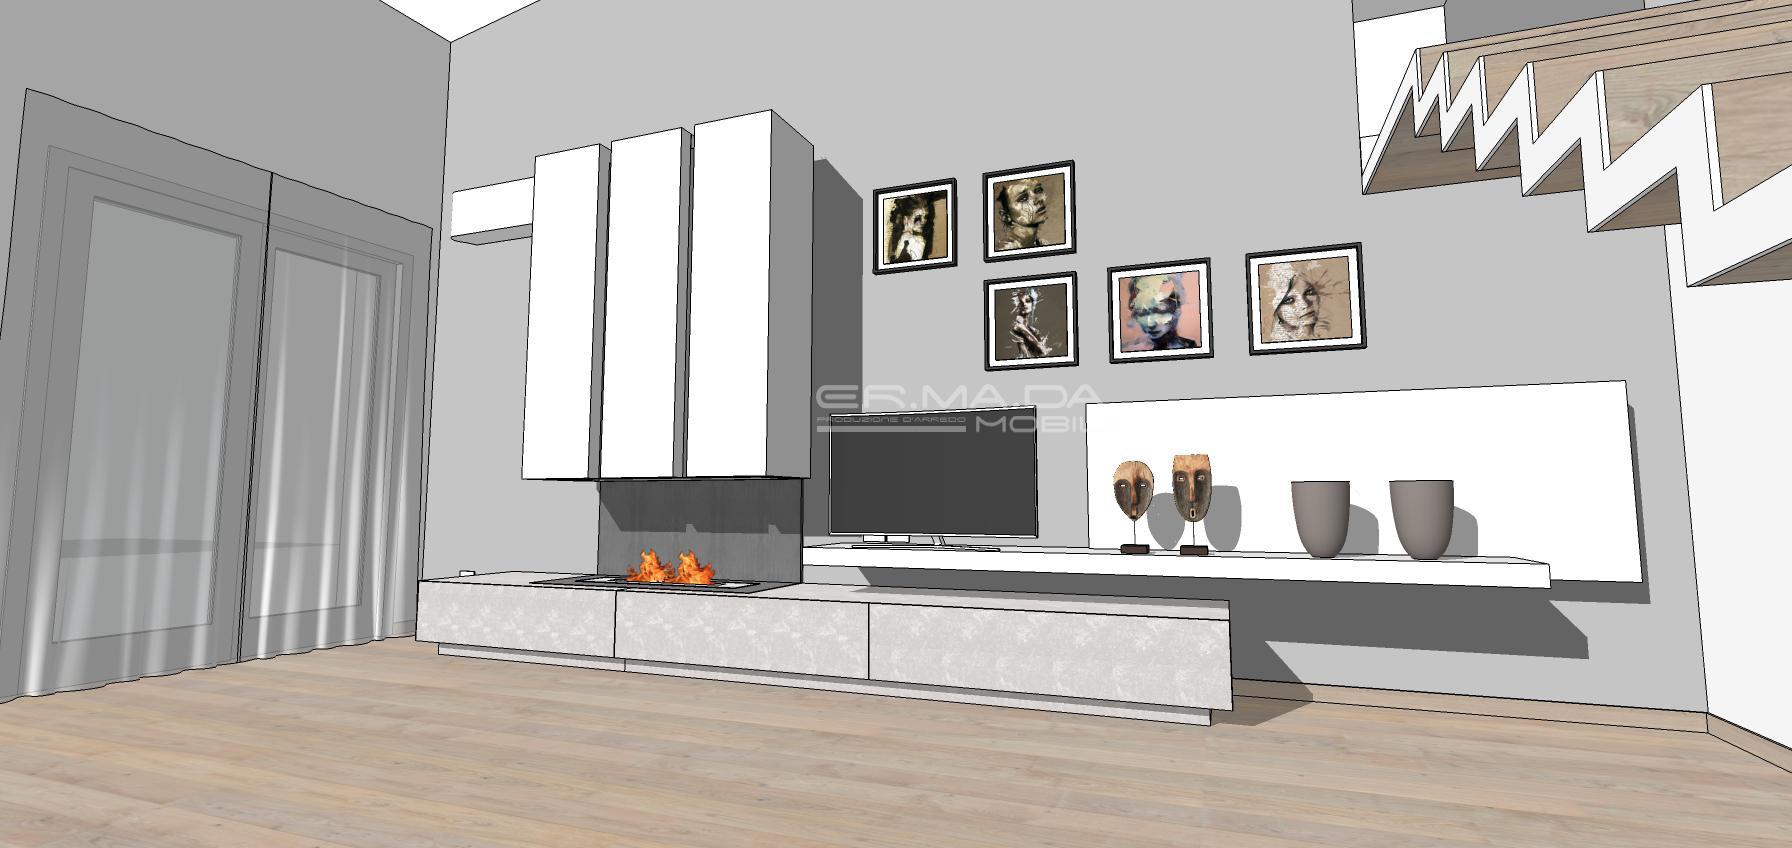 Living 9 er ma da mobilificio progetta e costruisce for Progetta i tuoi mobili online